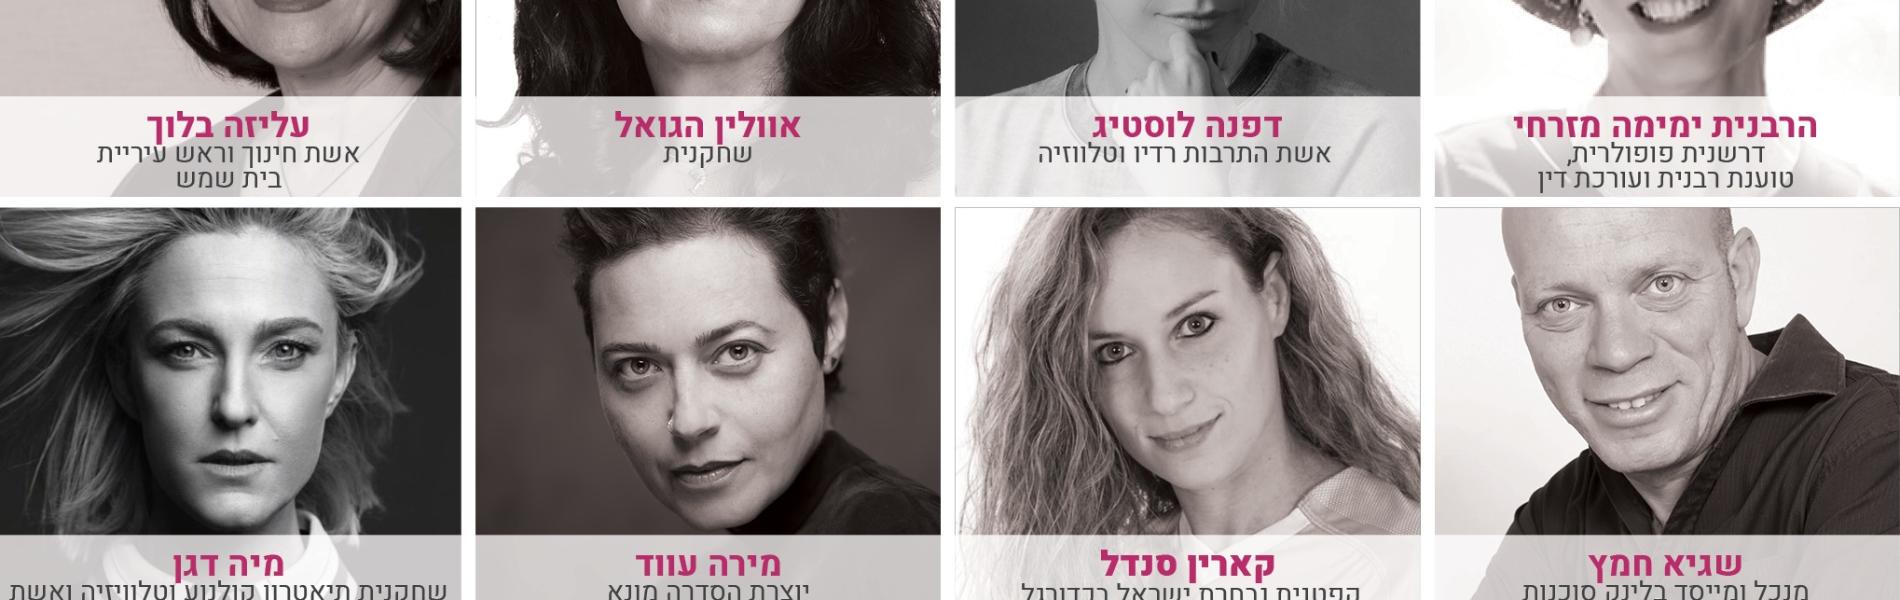 ועידת נשים ועסקים 2019: הנשים שעשו את השנה